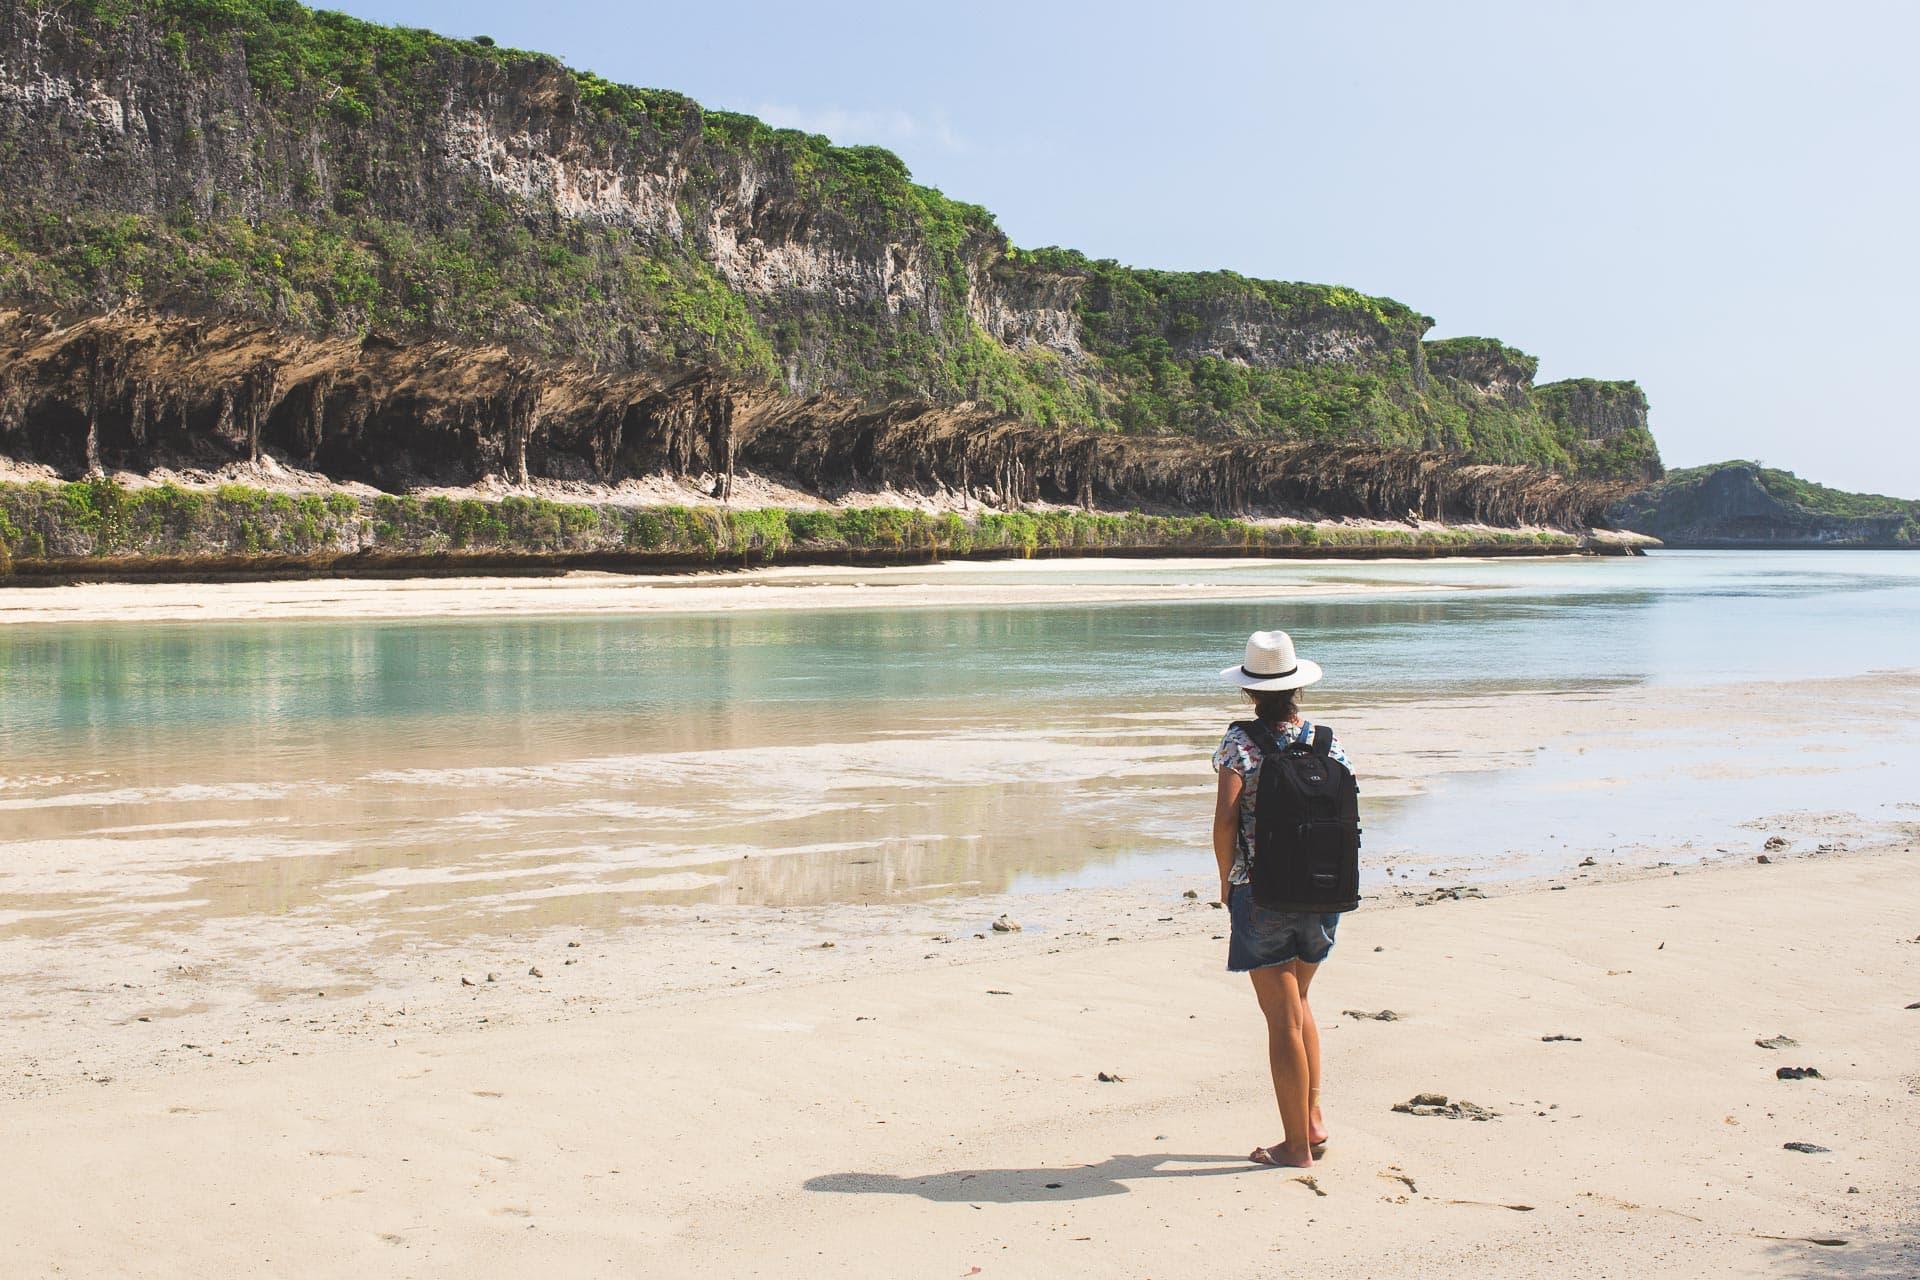 Visiter les îles Loyauté : laquelle choisir ?